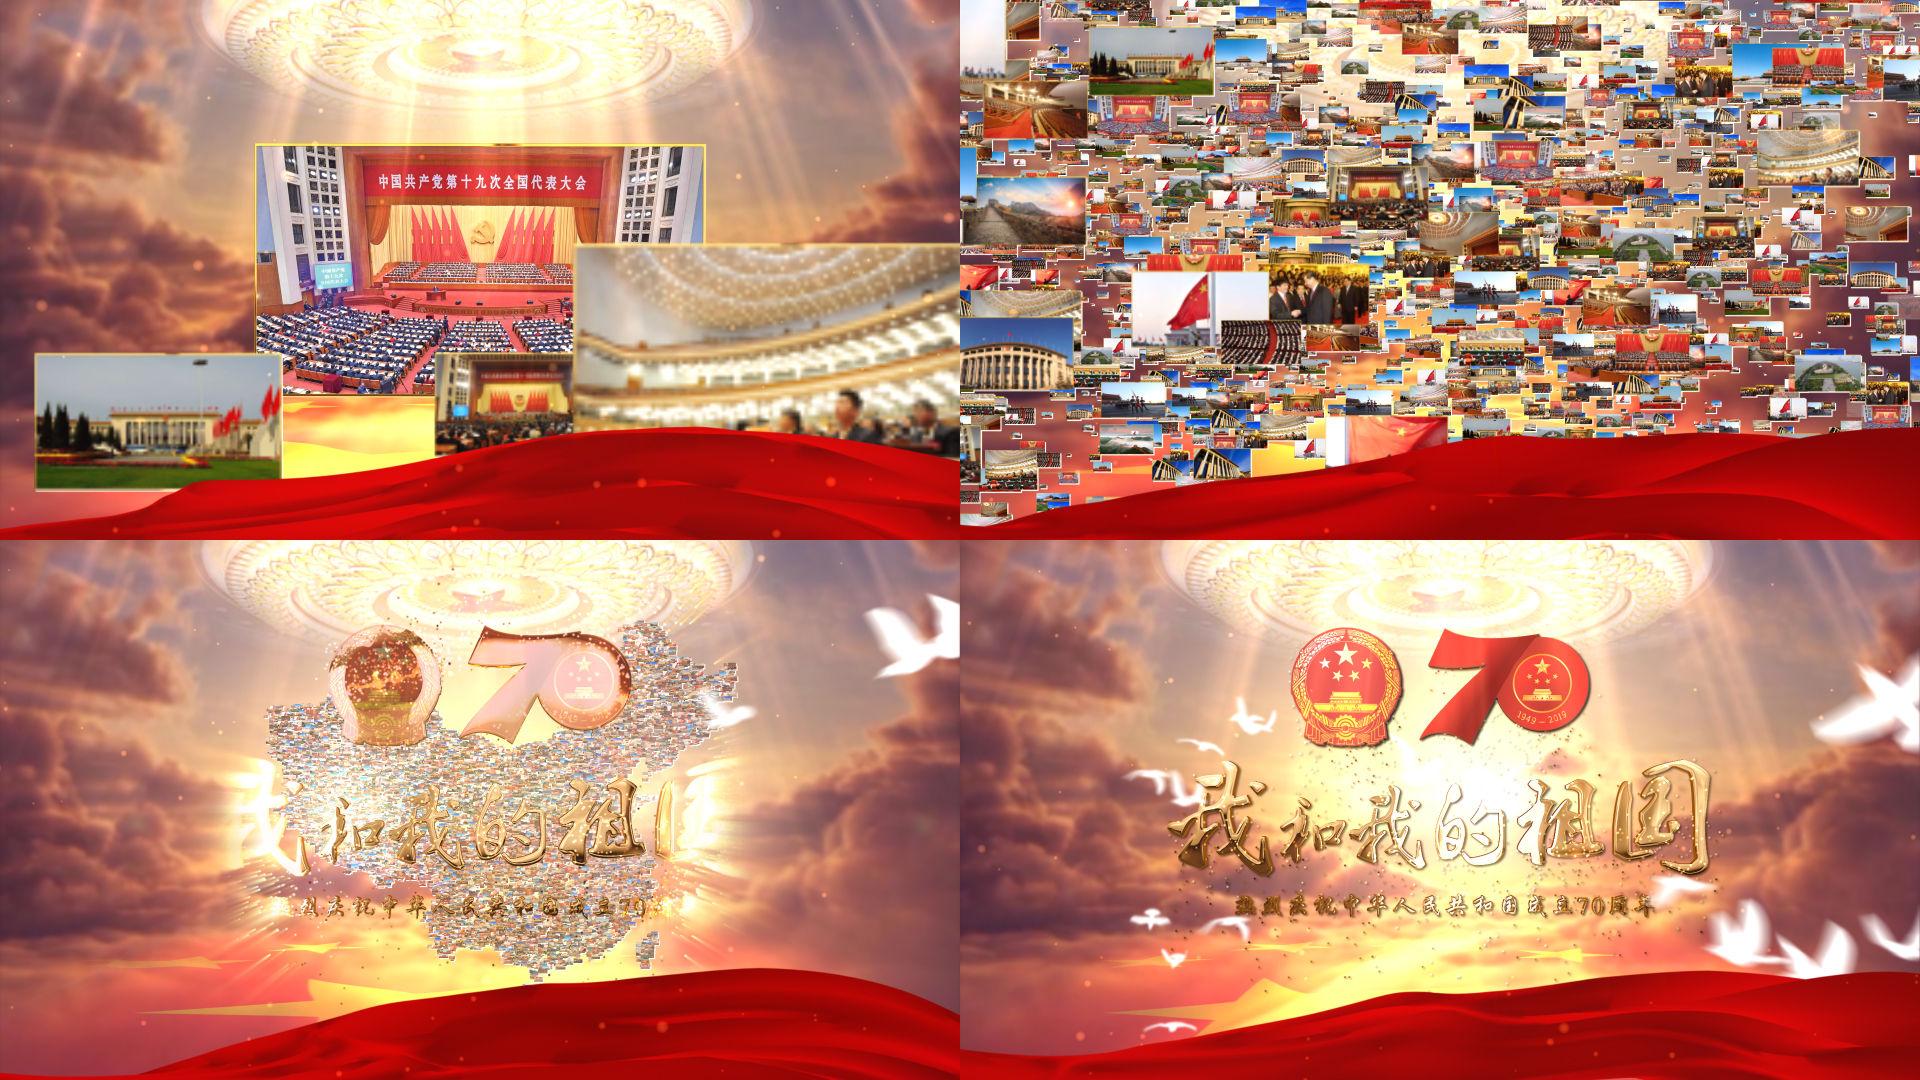 【原创】2款新中国成立70周年党政片头